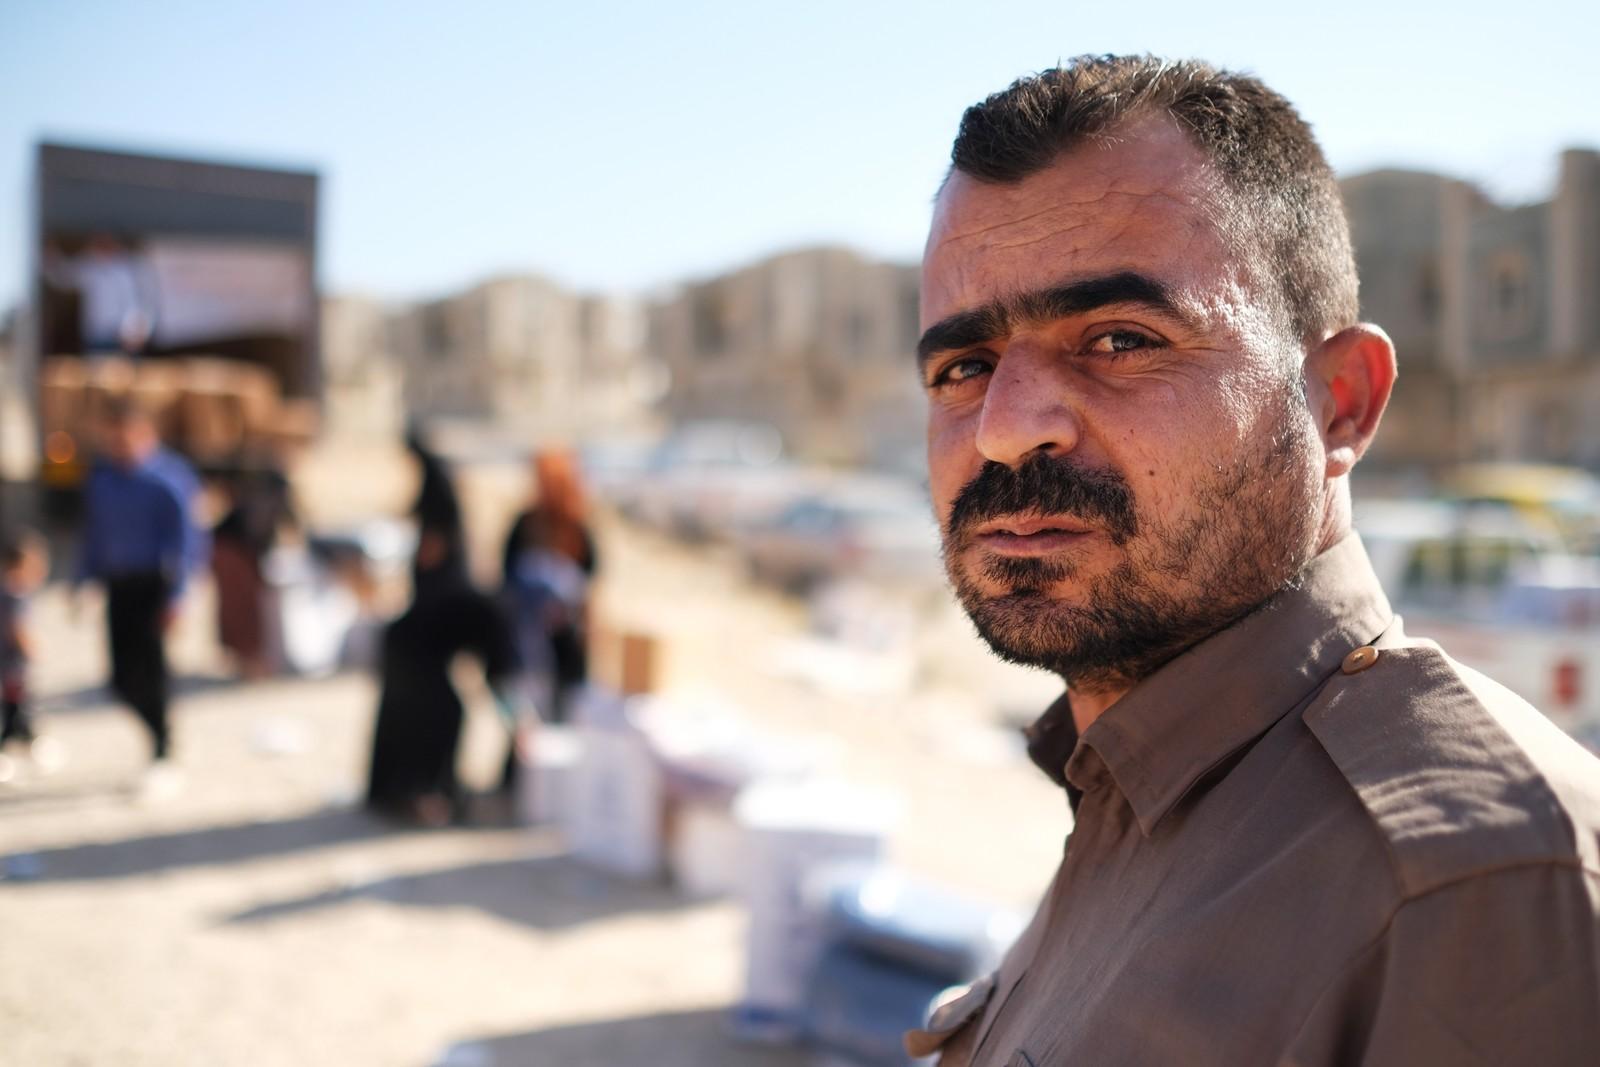 – Jeg gråter ikke for meg selv, jeg gråter for Kirkuk, sier Jalal. Han kjempet mot irakerne i Kirkuk som peshmerga, men måtte rømme da de tapte kampen om byen.